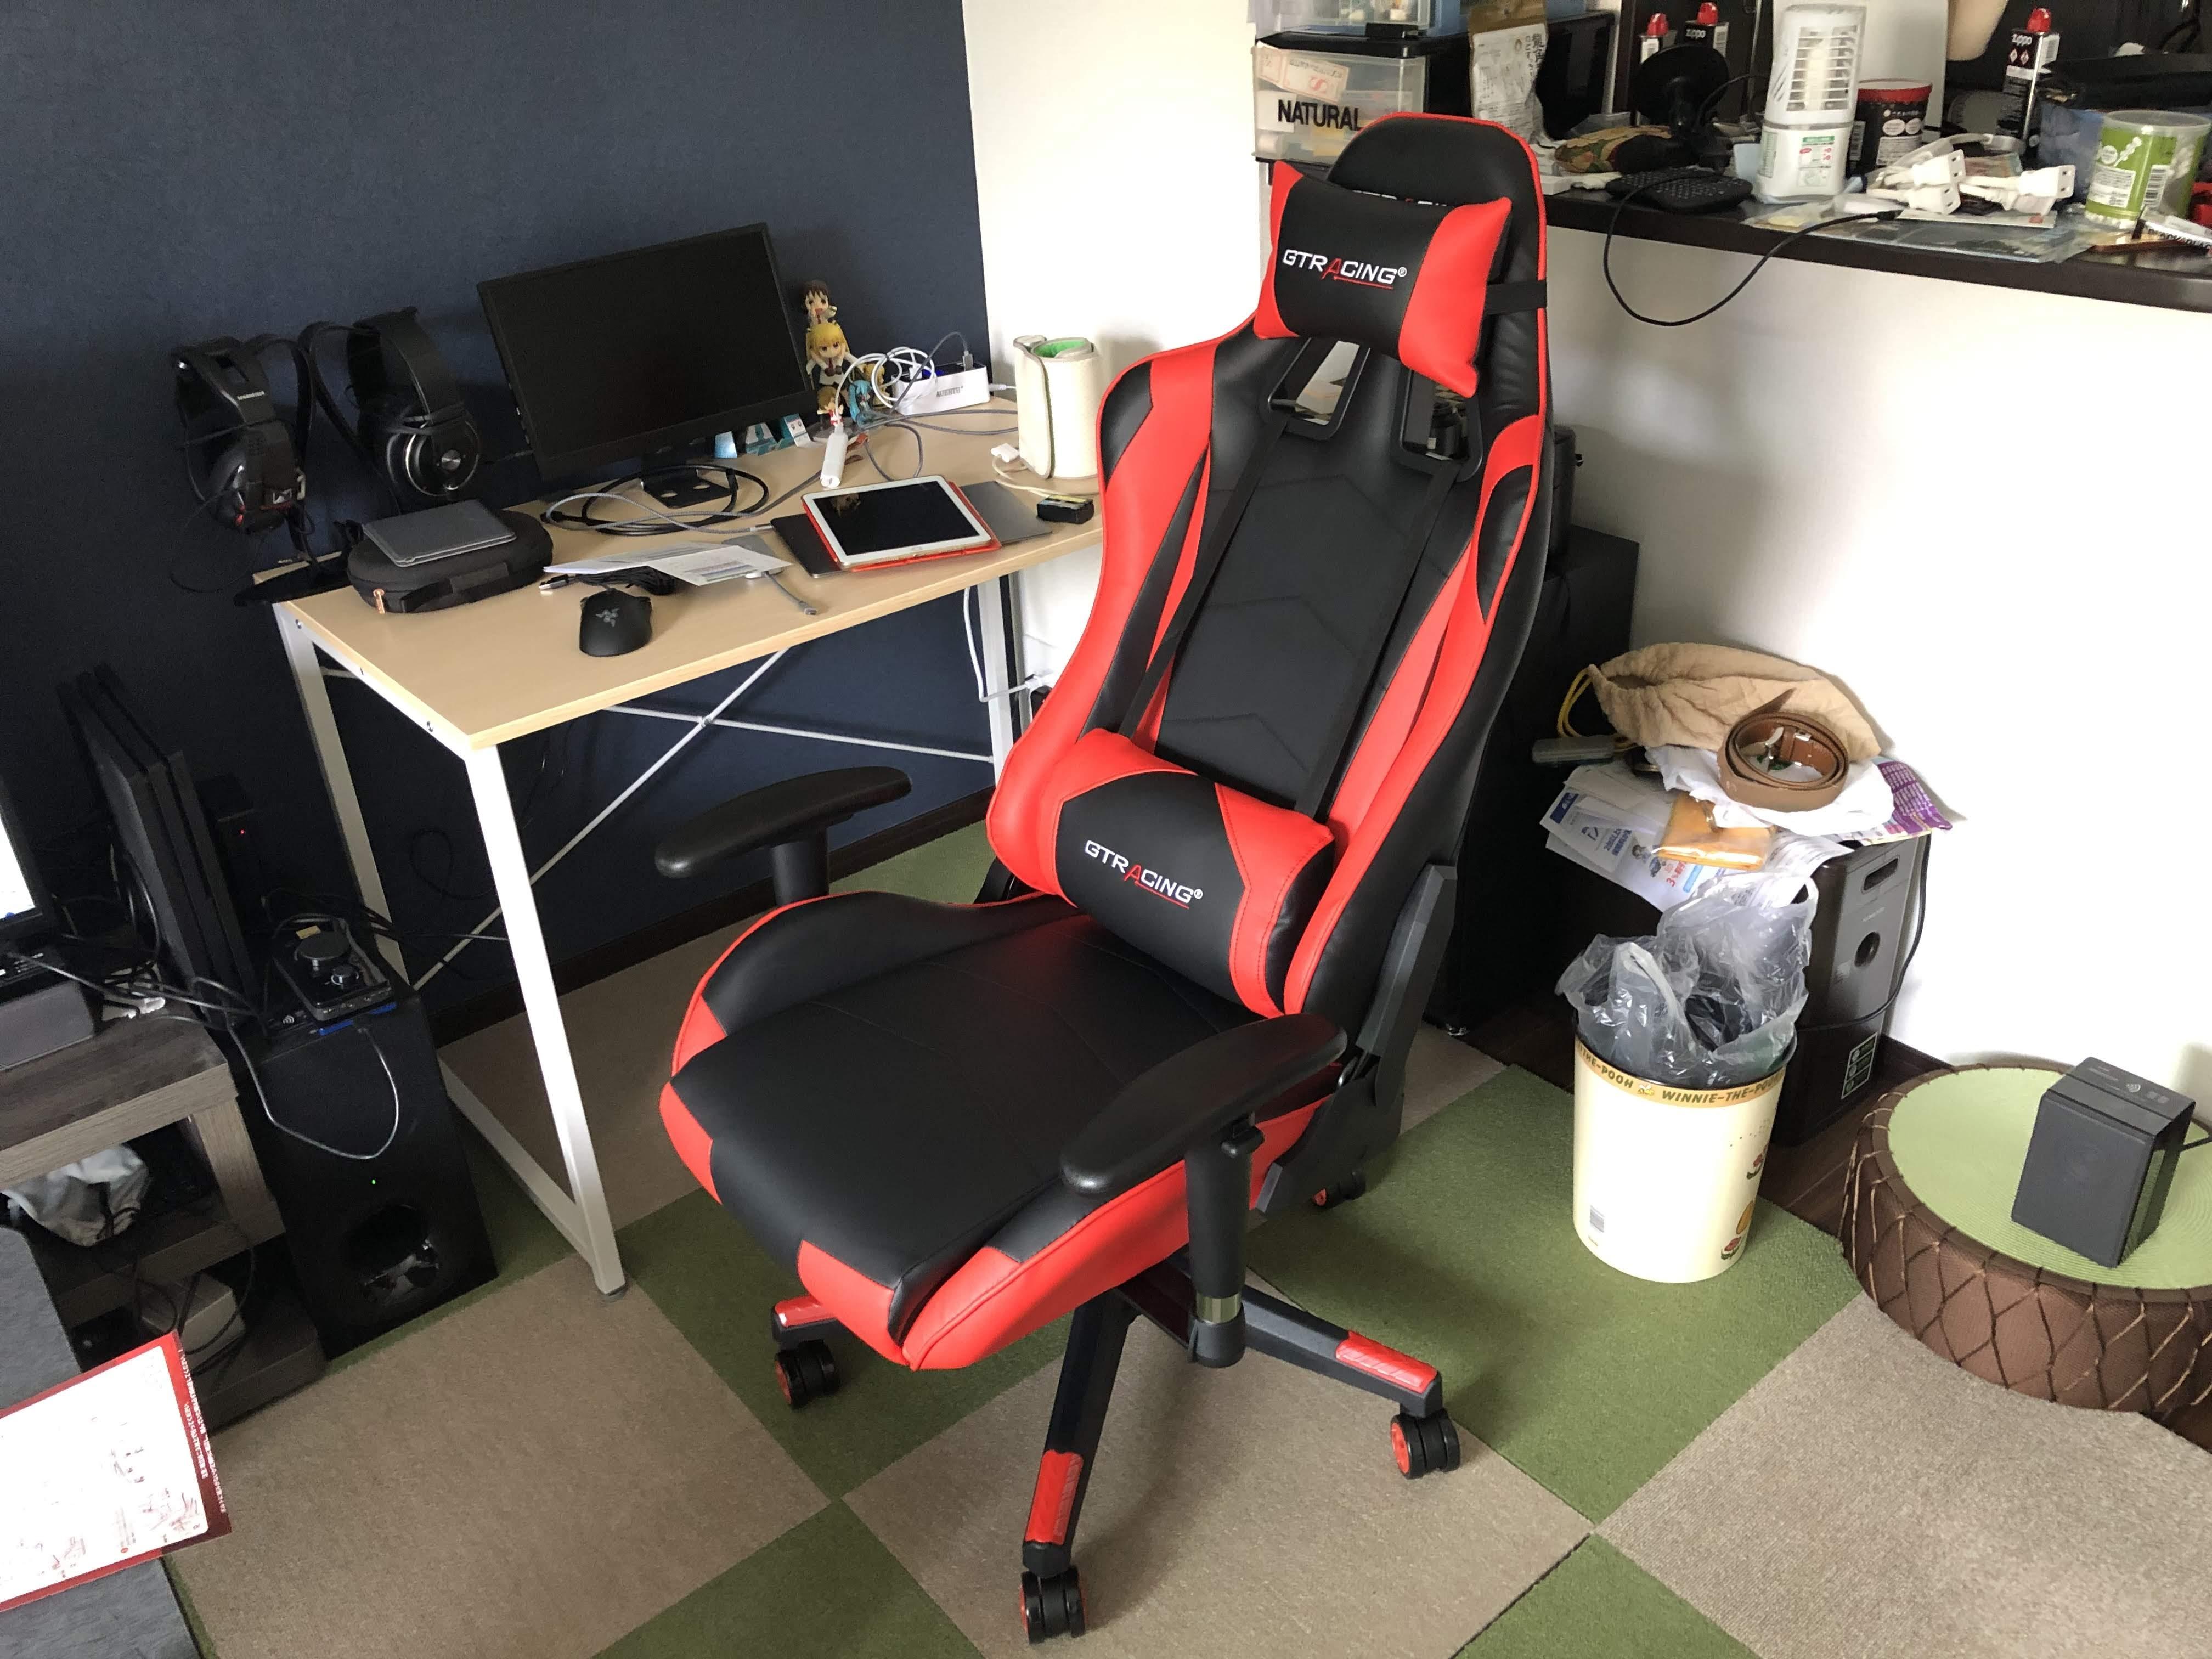 やっと椅子が届いた